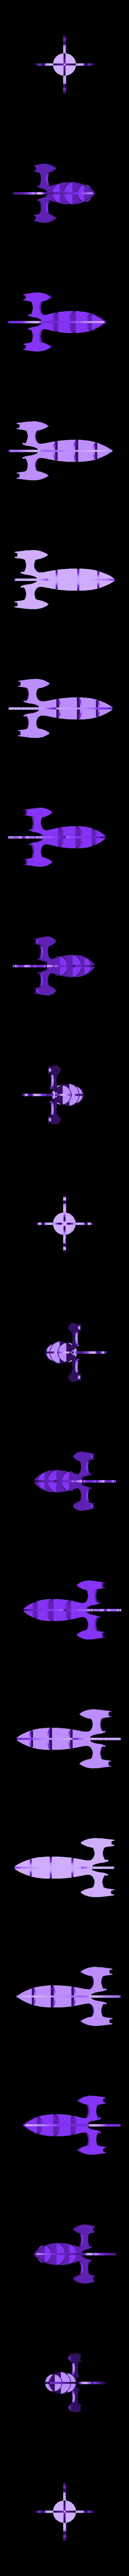 rocket_assembled.stl Download free STL file Sliced rocket • 3D printer object, ferjerez3d